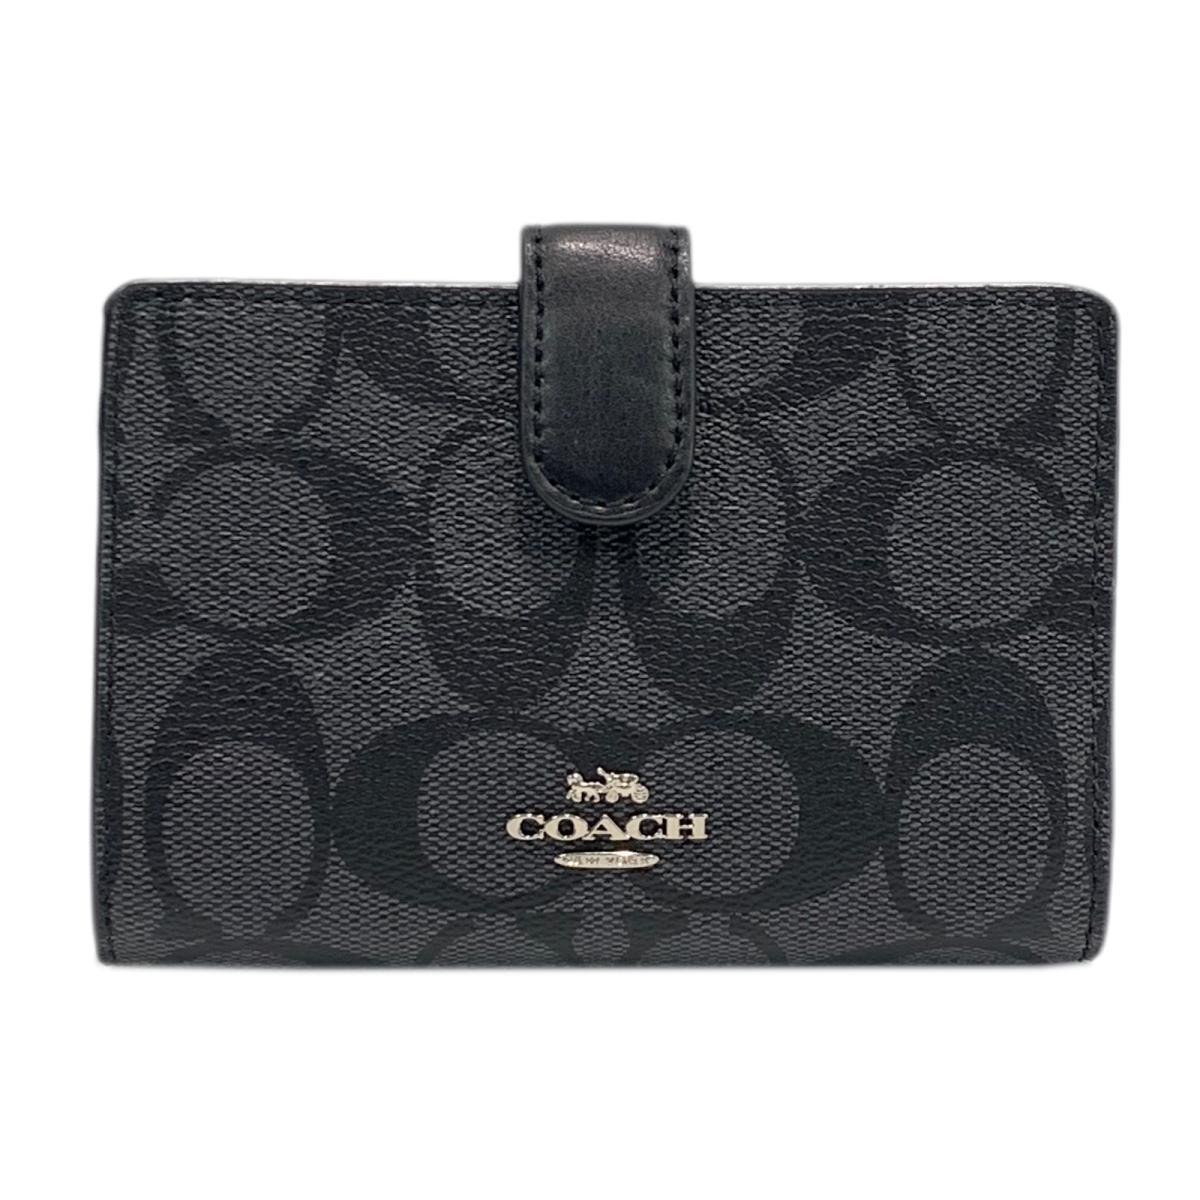 コーチ L型ZIP財布 メンズ レディース レザー ブラック (F23553SVDK6) | COACH BRANDOFF ブランドオフ ブランド ブランド財布 財布 レディース財布 サイフ